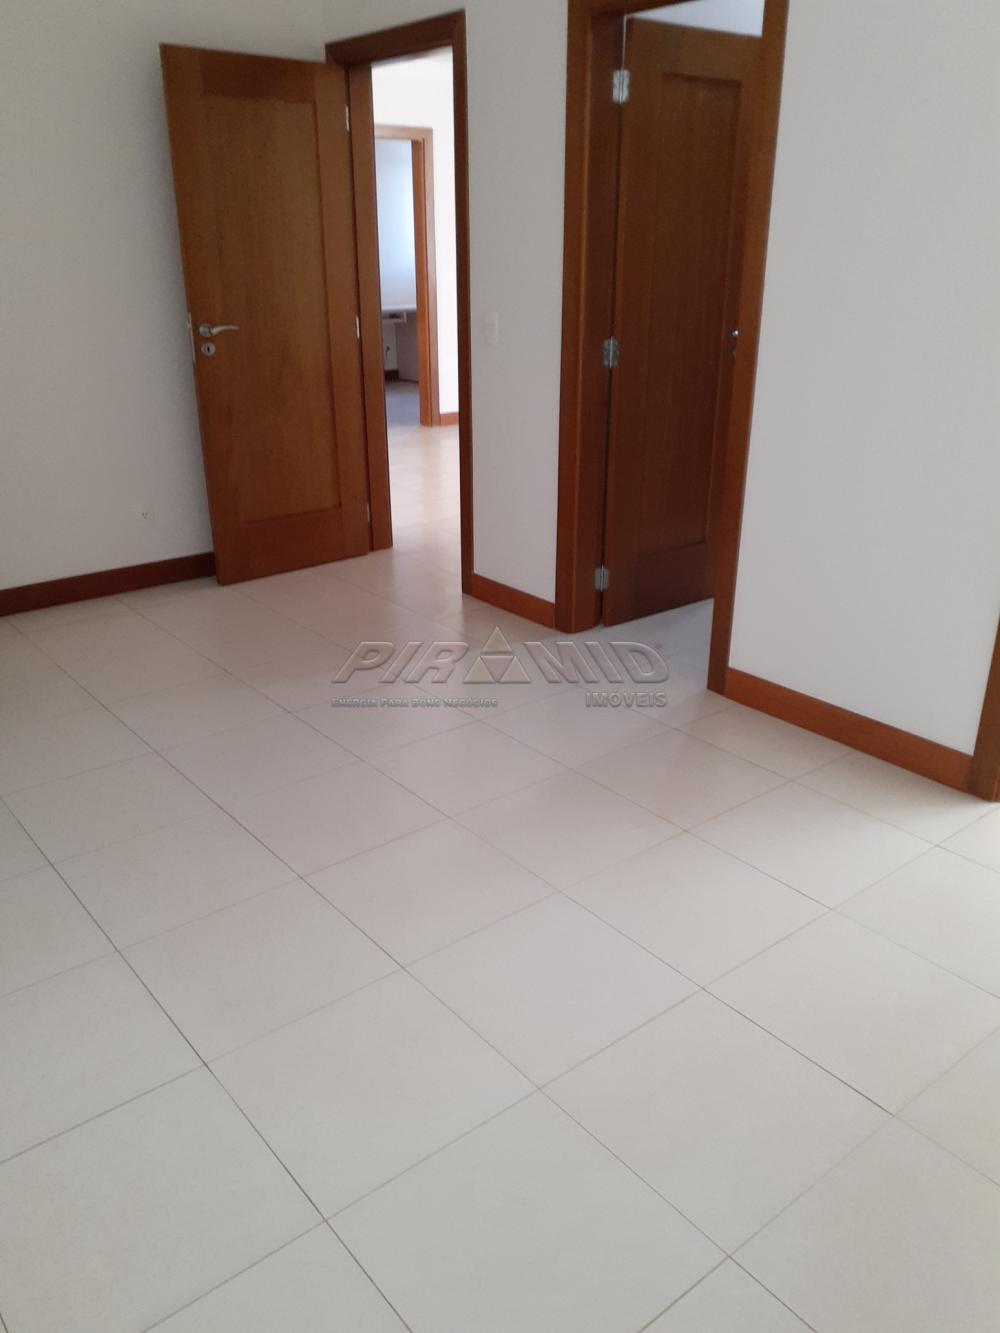 Comprar Casa / Condomínio em Ribeirão Preto apenas R$ 4.800.000,00 - Foto 31